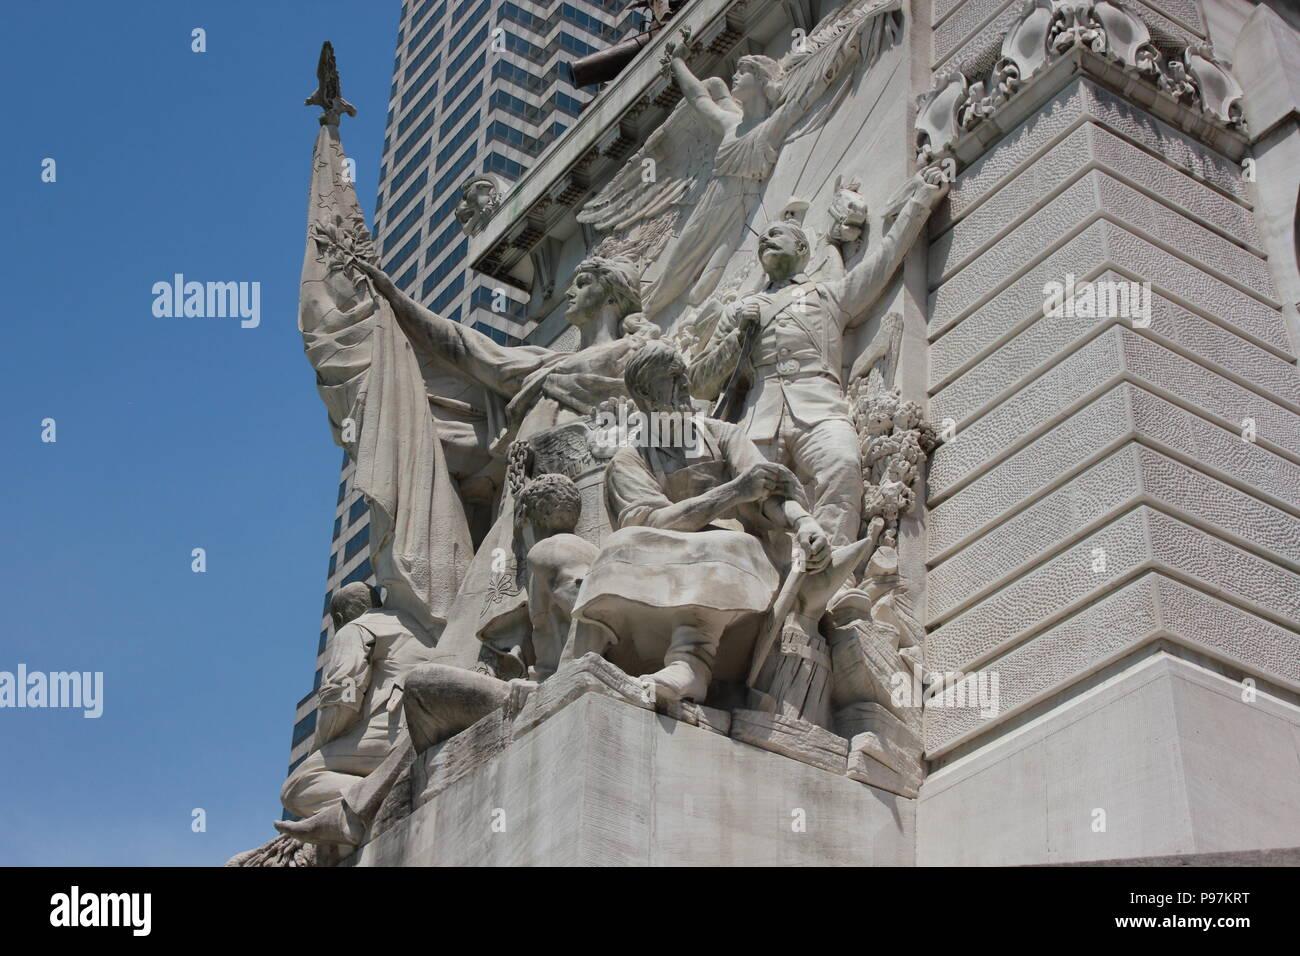 Representación de la paz en el Monumento a los soldados y marineros en Monument Circle en Indianápolis, Indiana. Imagen De Stock